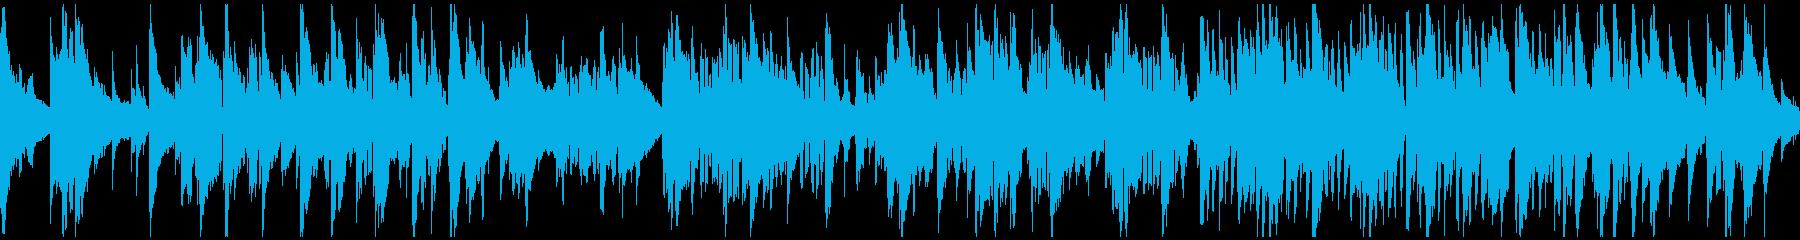 滑らかで暖かいバラード・ジャズ※ループ版の再生済みの波形